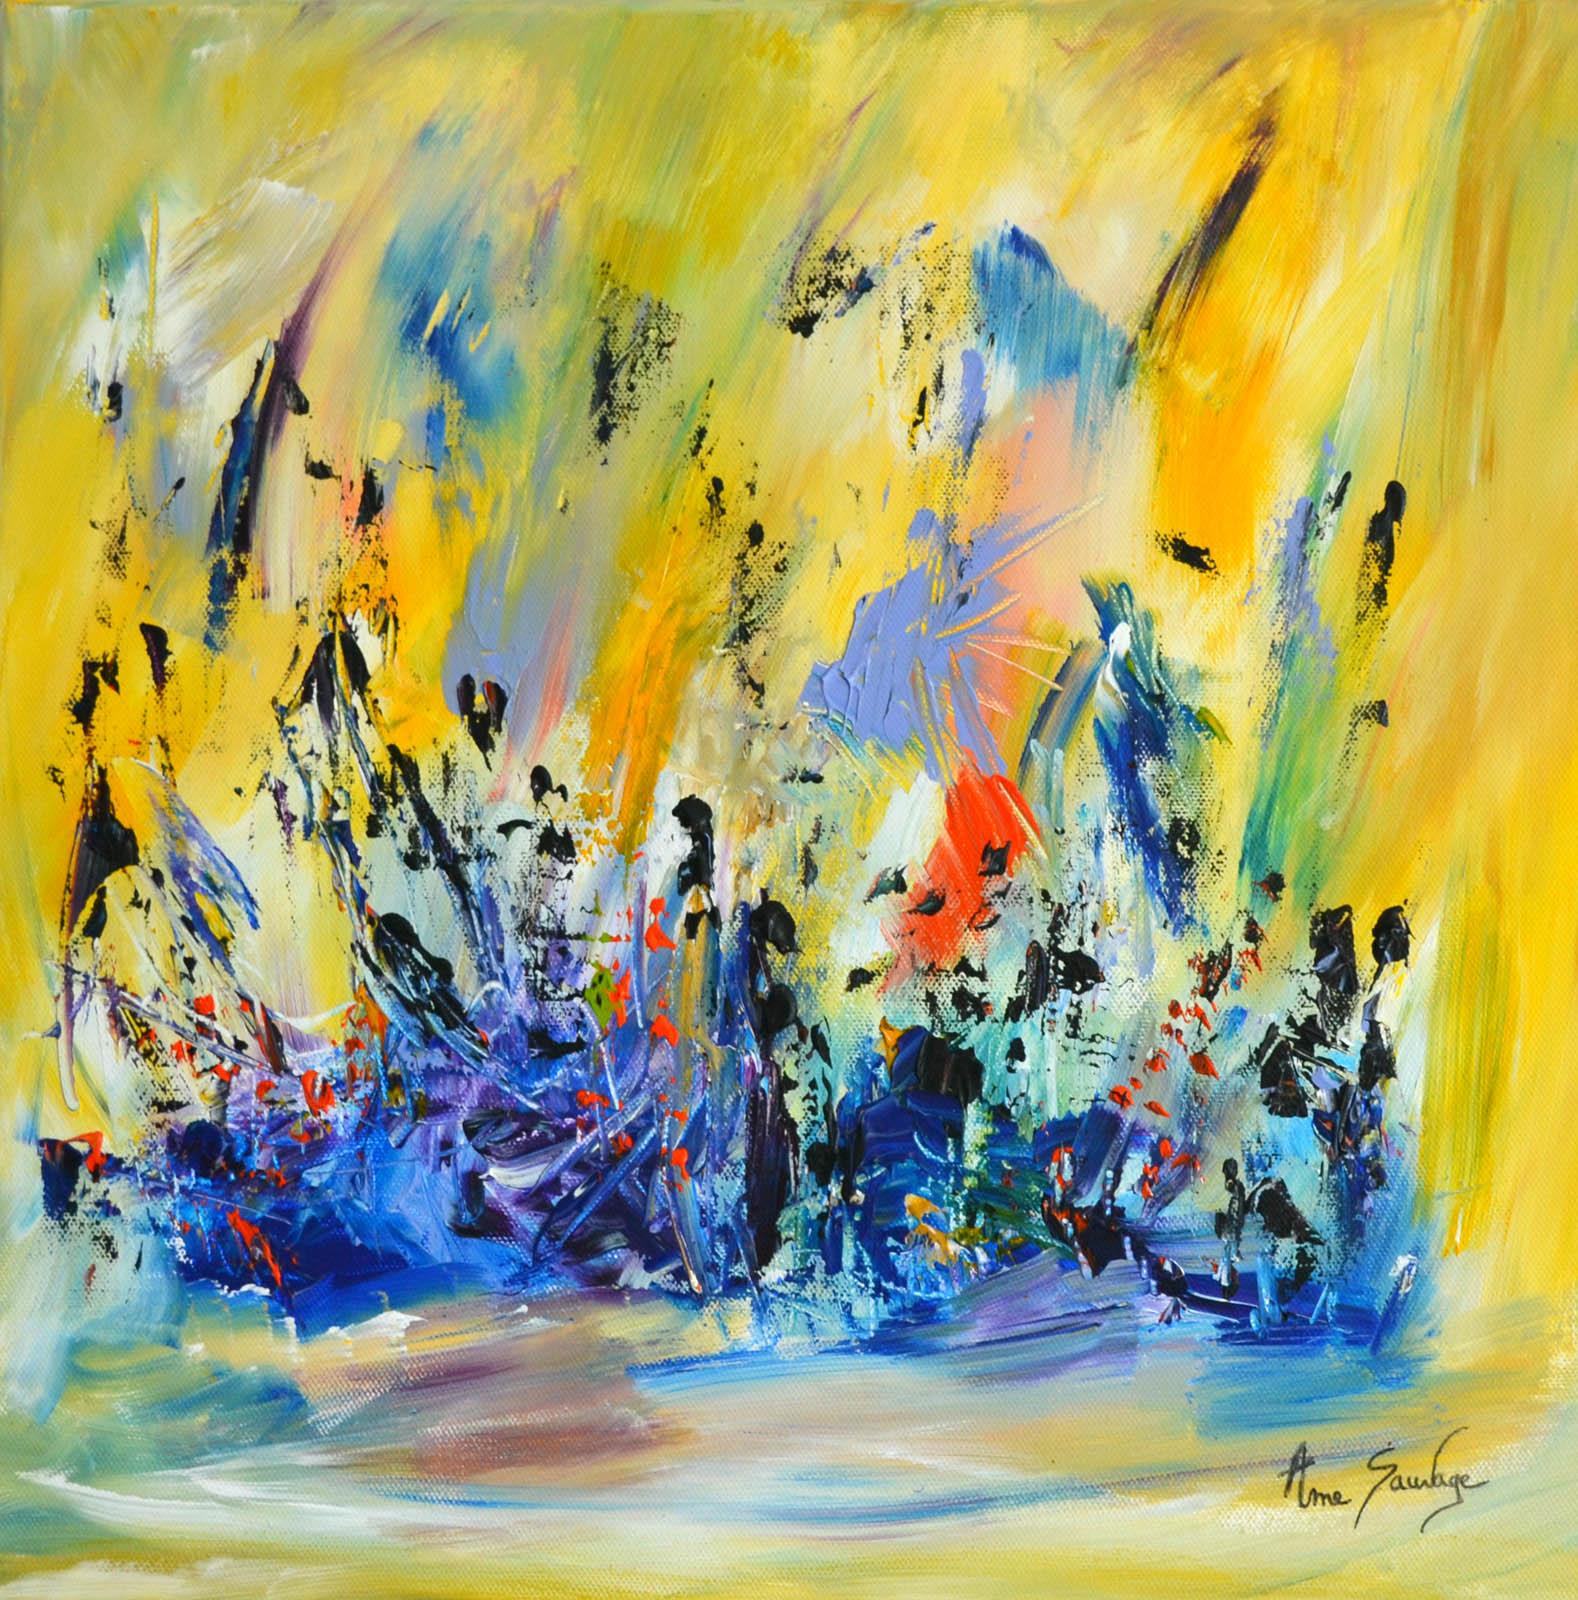 tableau jaune et bleu